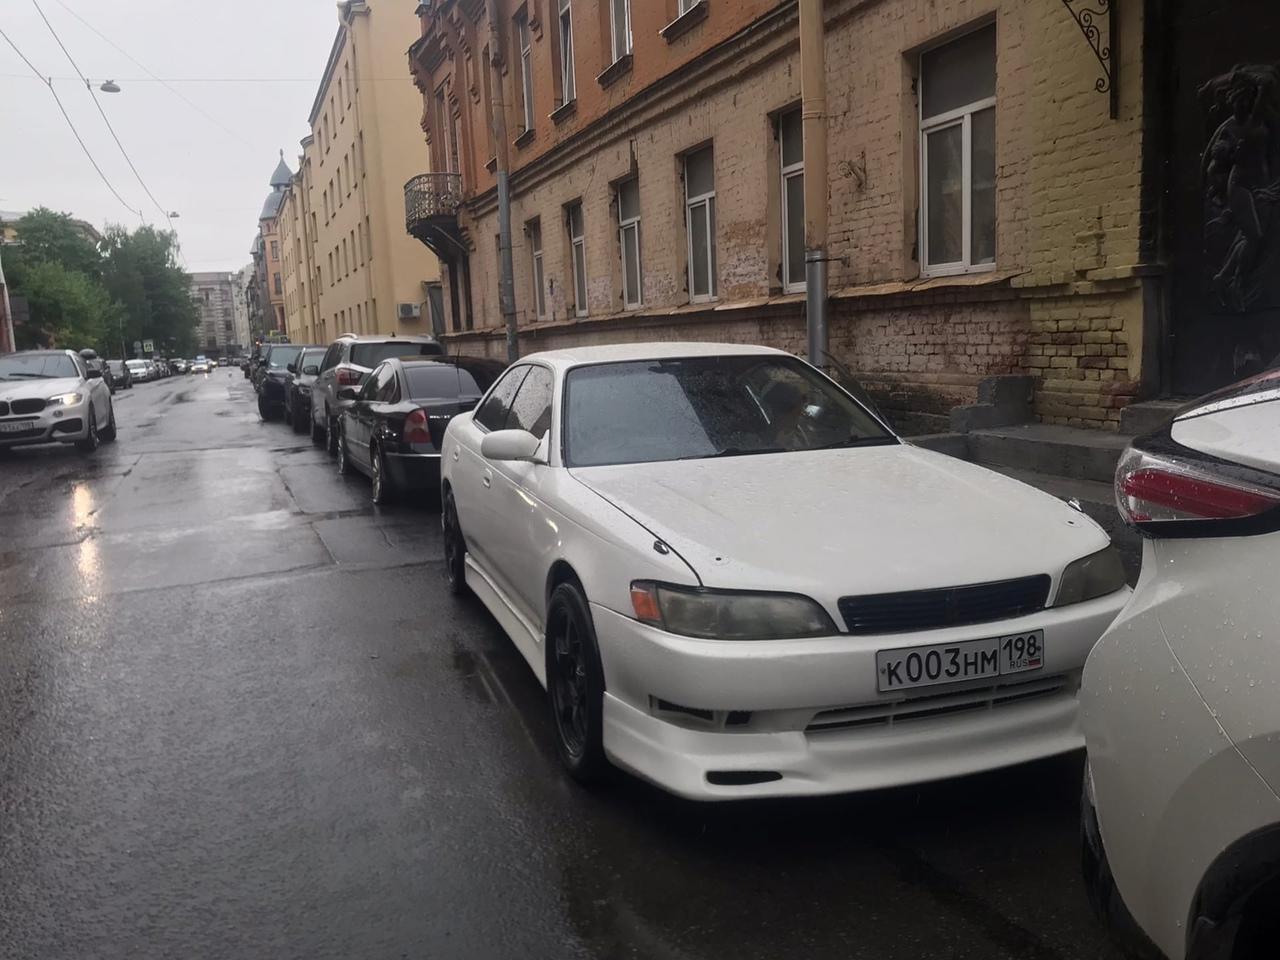 Народ, кто сможет прикурить на Маломонетной улице 2, пожалуйста! Проводов нету.